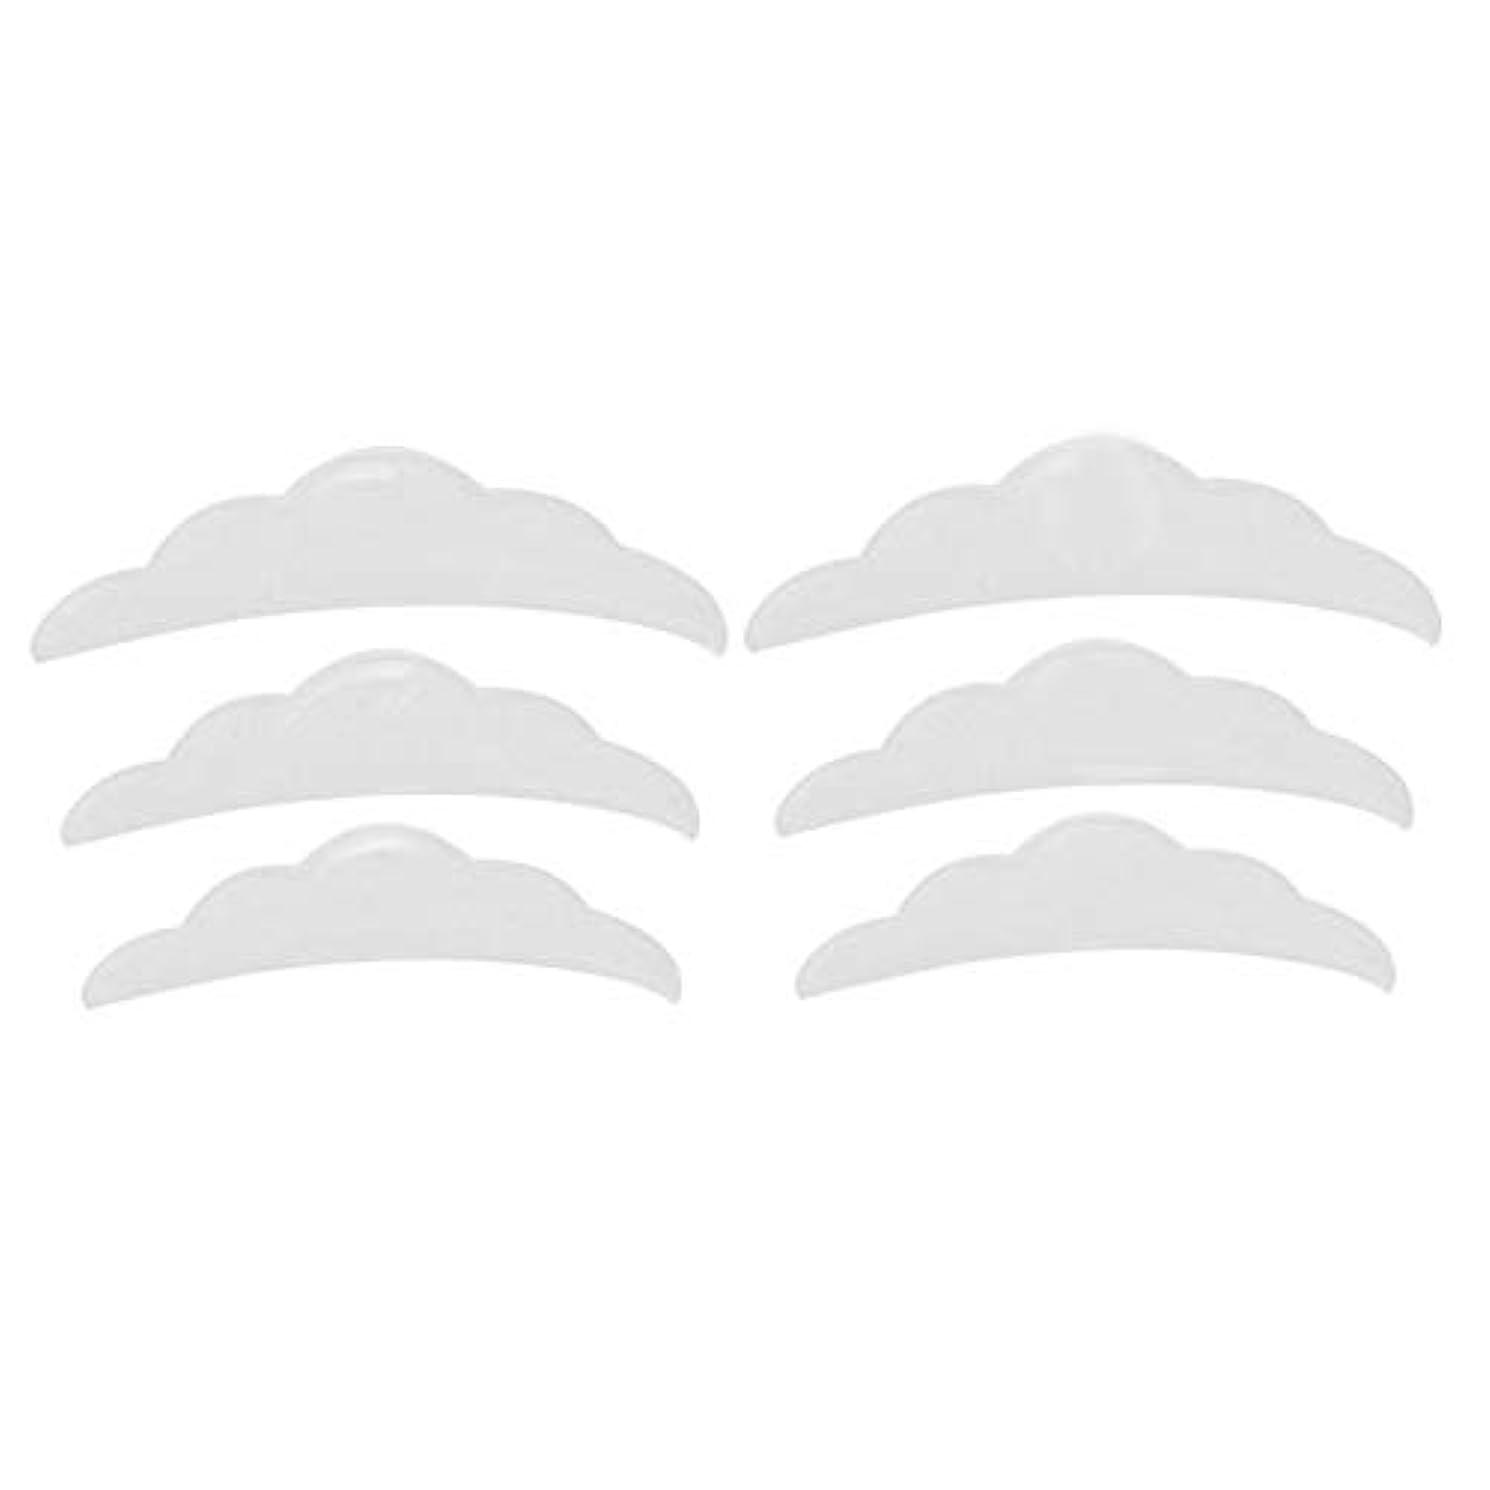 写真を描く移住する従順なシリコンまつげリフトリフティングカーラーラッシュシールドパッド小中大